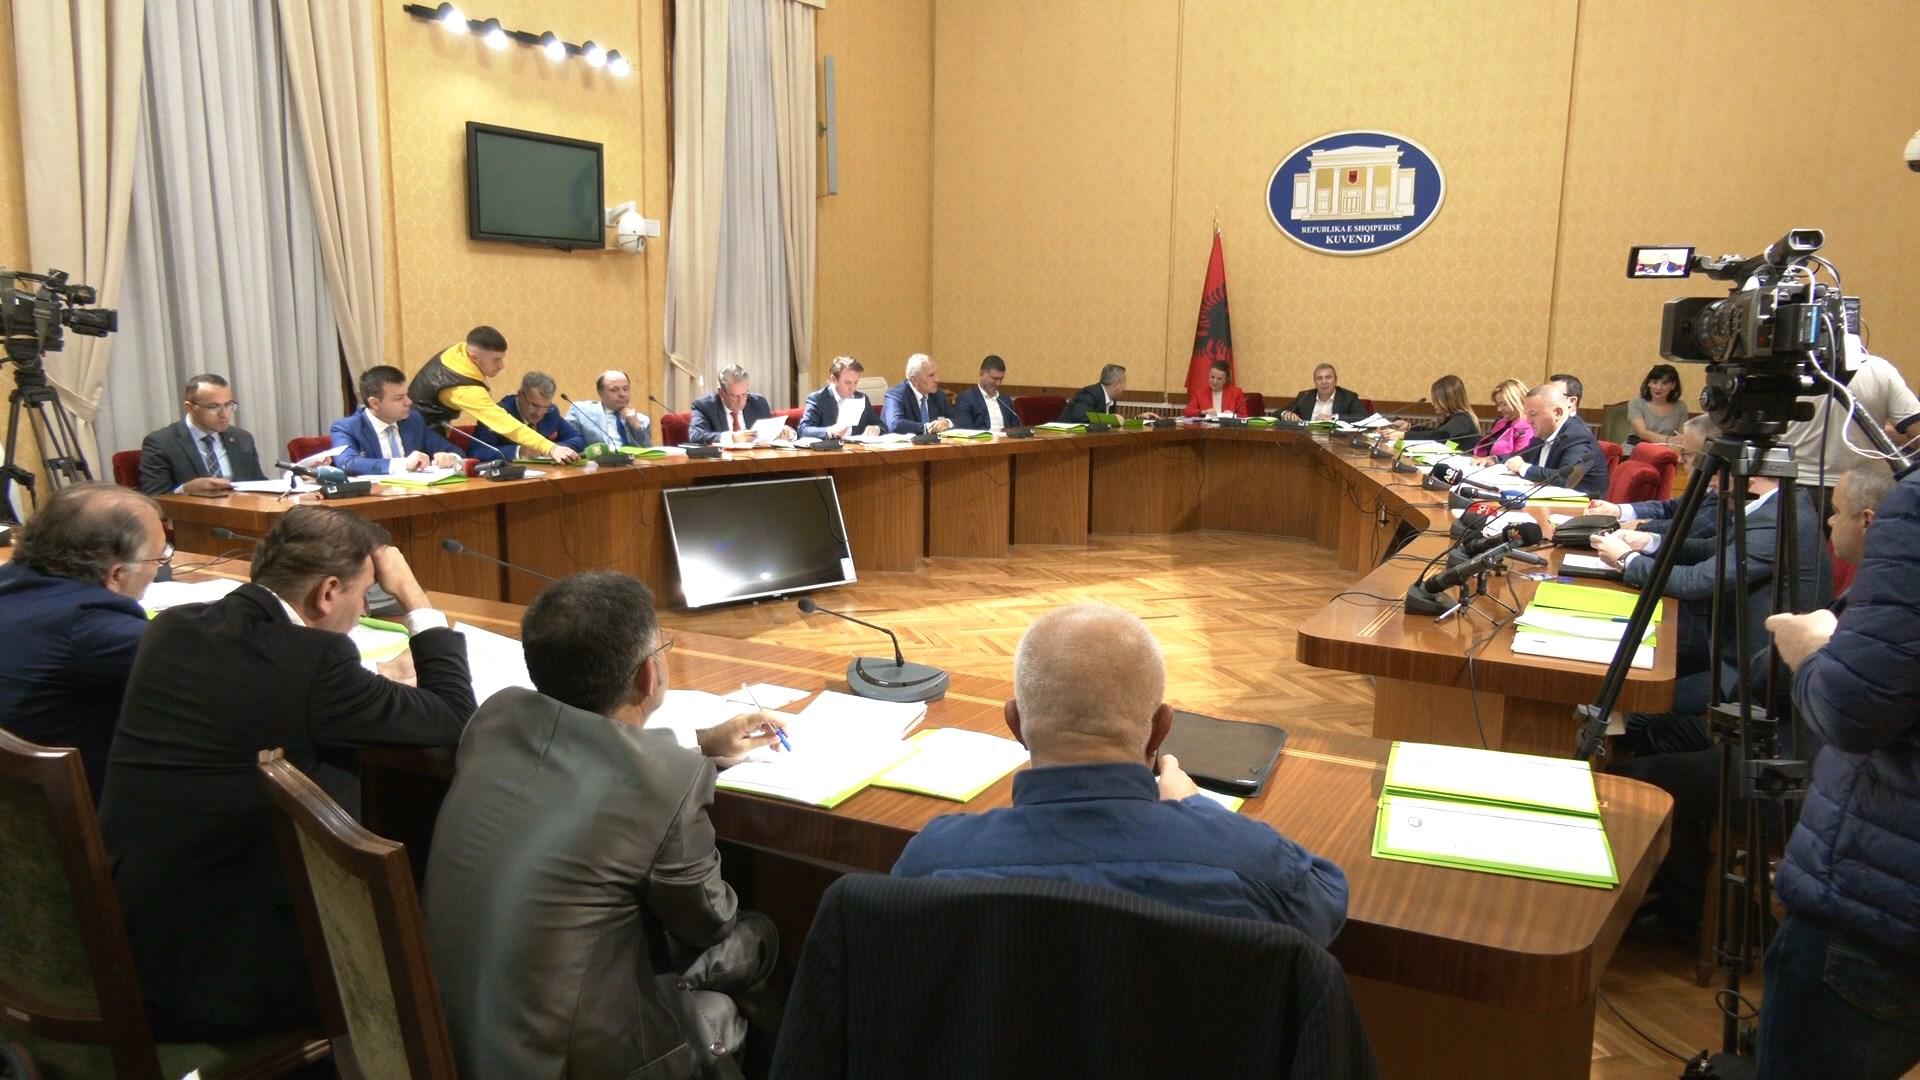 Ekspertët zgjedhorë nuk i kënaqin deputetët, pa produkt dëgjesa për reformën